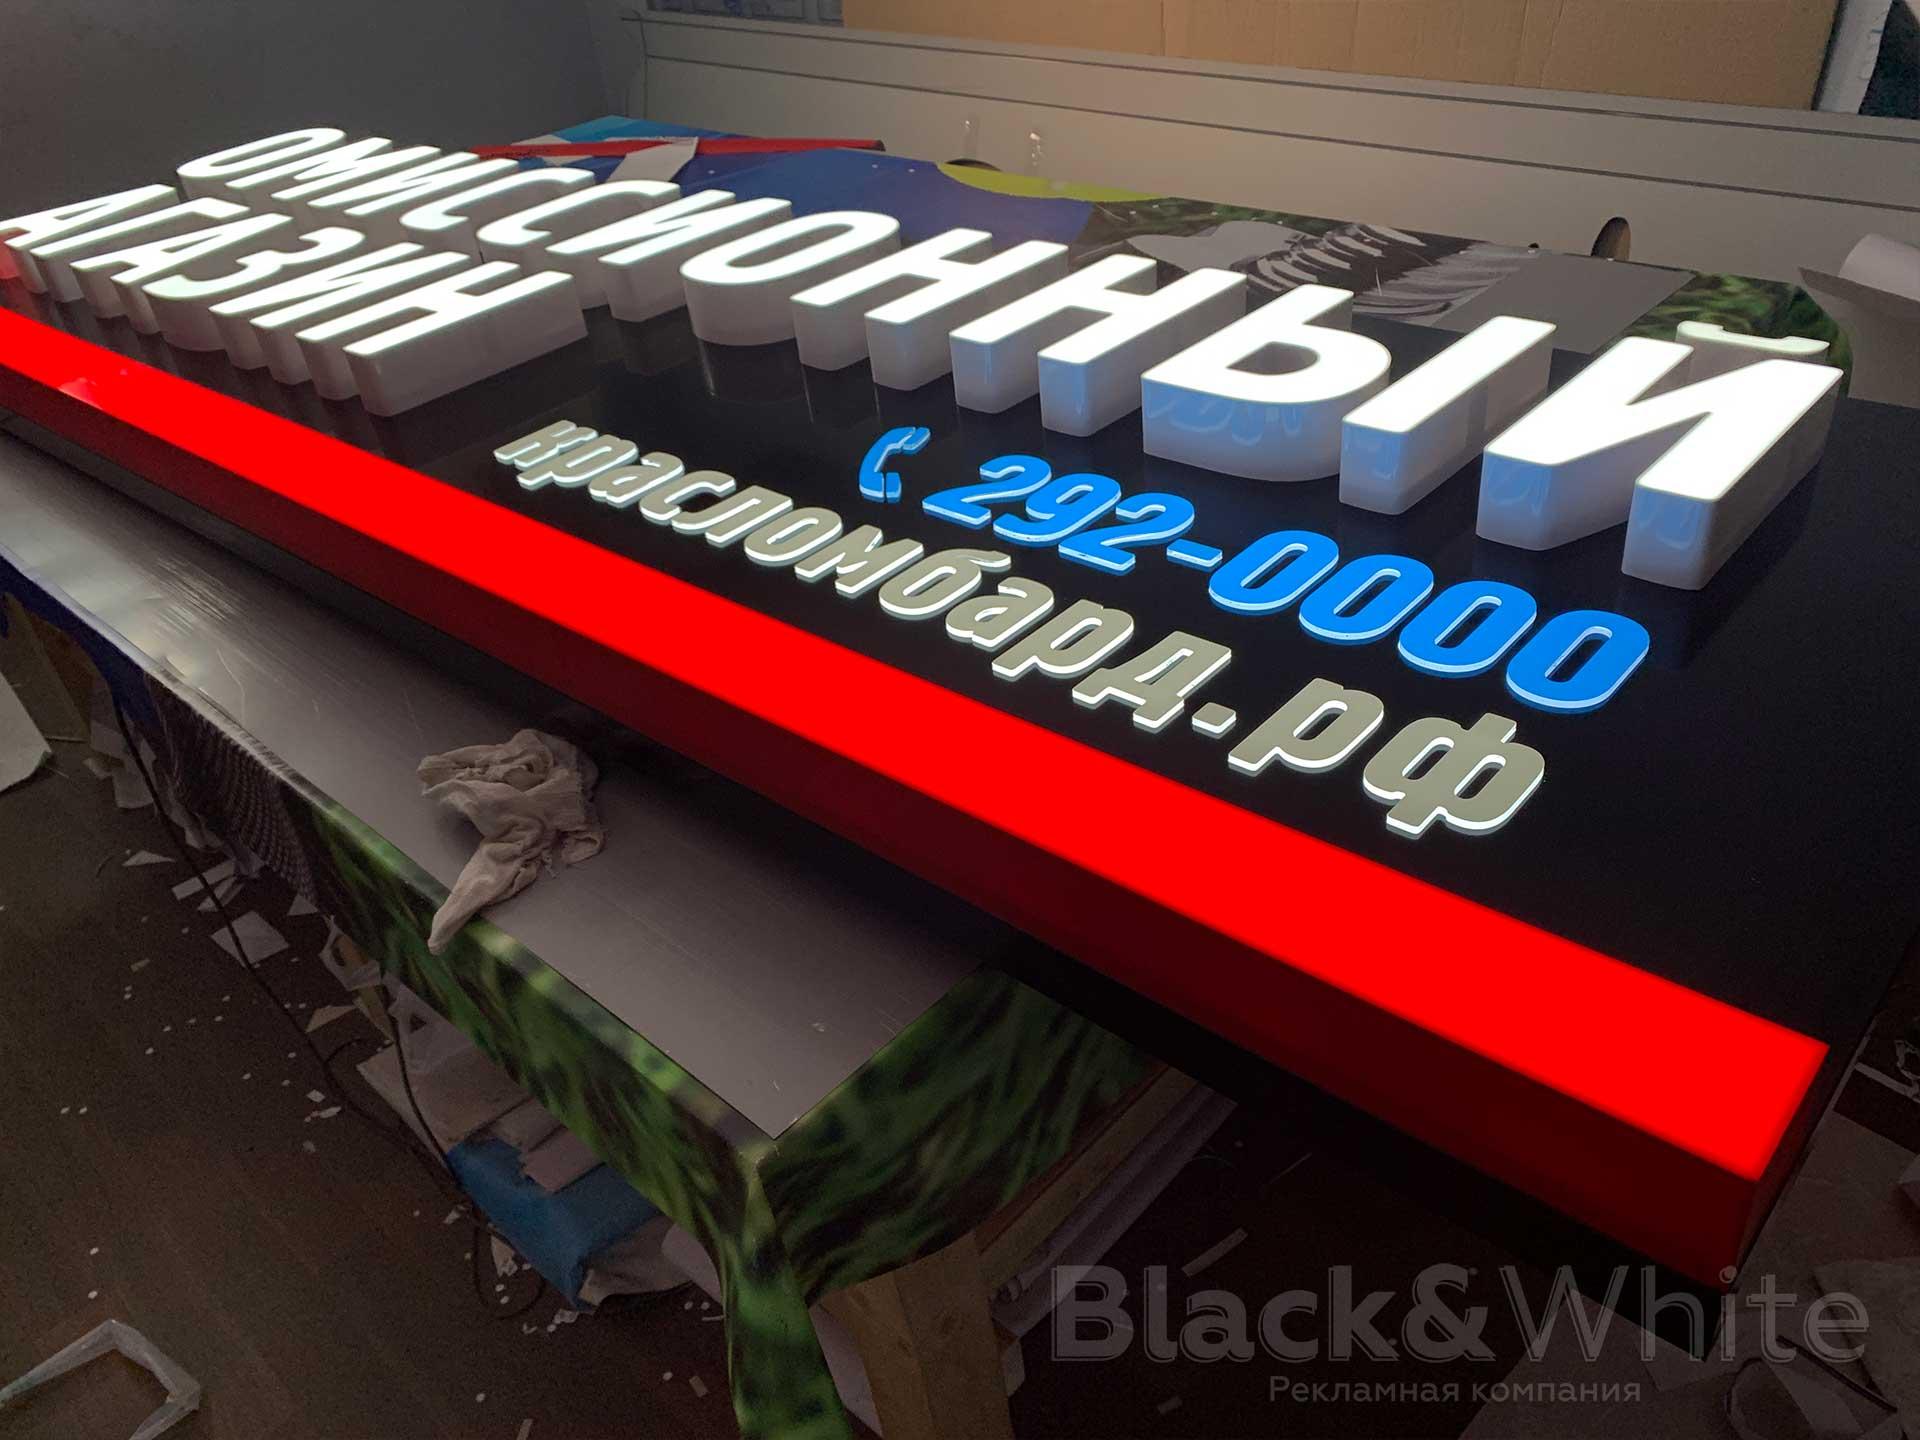 Световая-вывеска-для-ломбарда-с-световыми-объёмными-буквами-в-Красноярске-Black&White-bw-...jpg